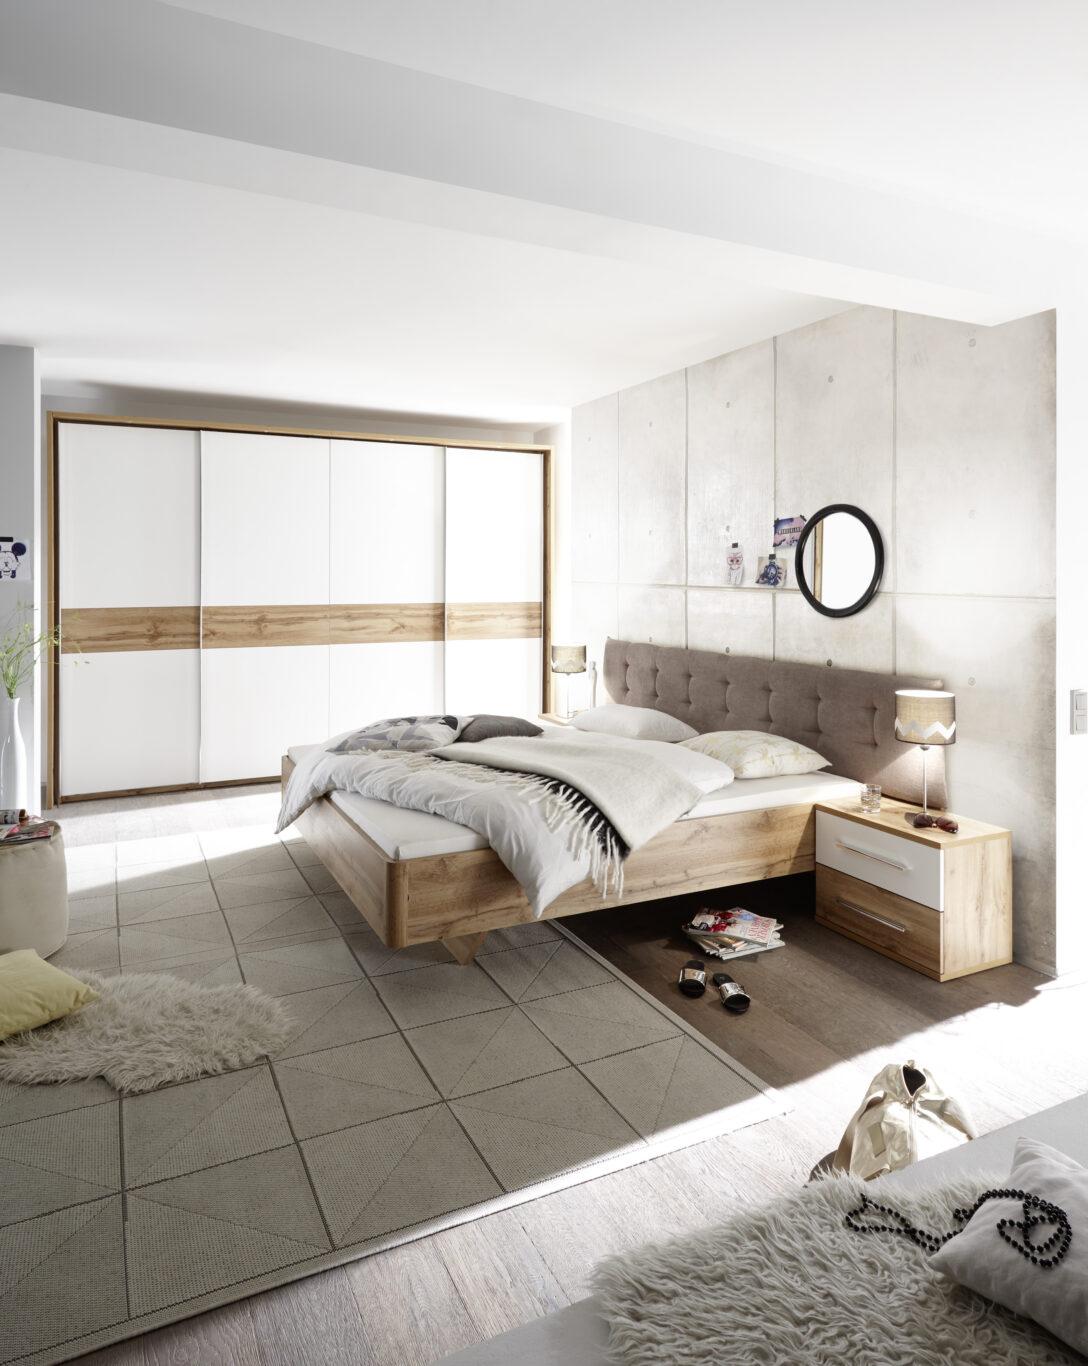 Large Size of Schlafzimmer Komplett Modern Luxus Weiss Massiv Set 5 Tlg Bergamo Bett 180 Kleiderschrank Tapeten Stehlampe Truhe Esstisch Poco Landhaus Wohnzimmer Vorhänge Wohnzimmer Schlafzimmer Komplett Modern